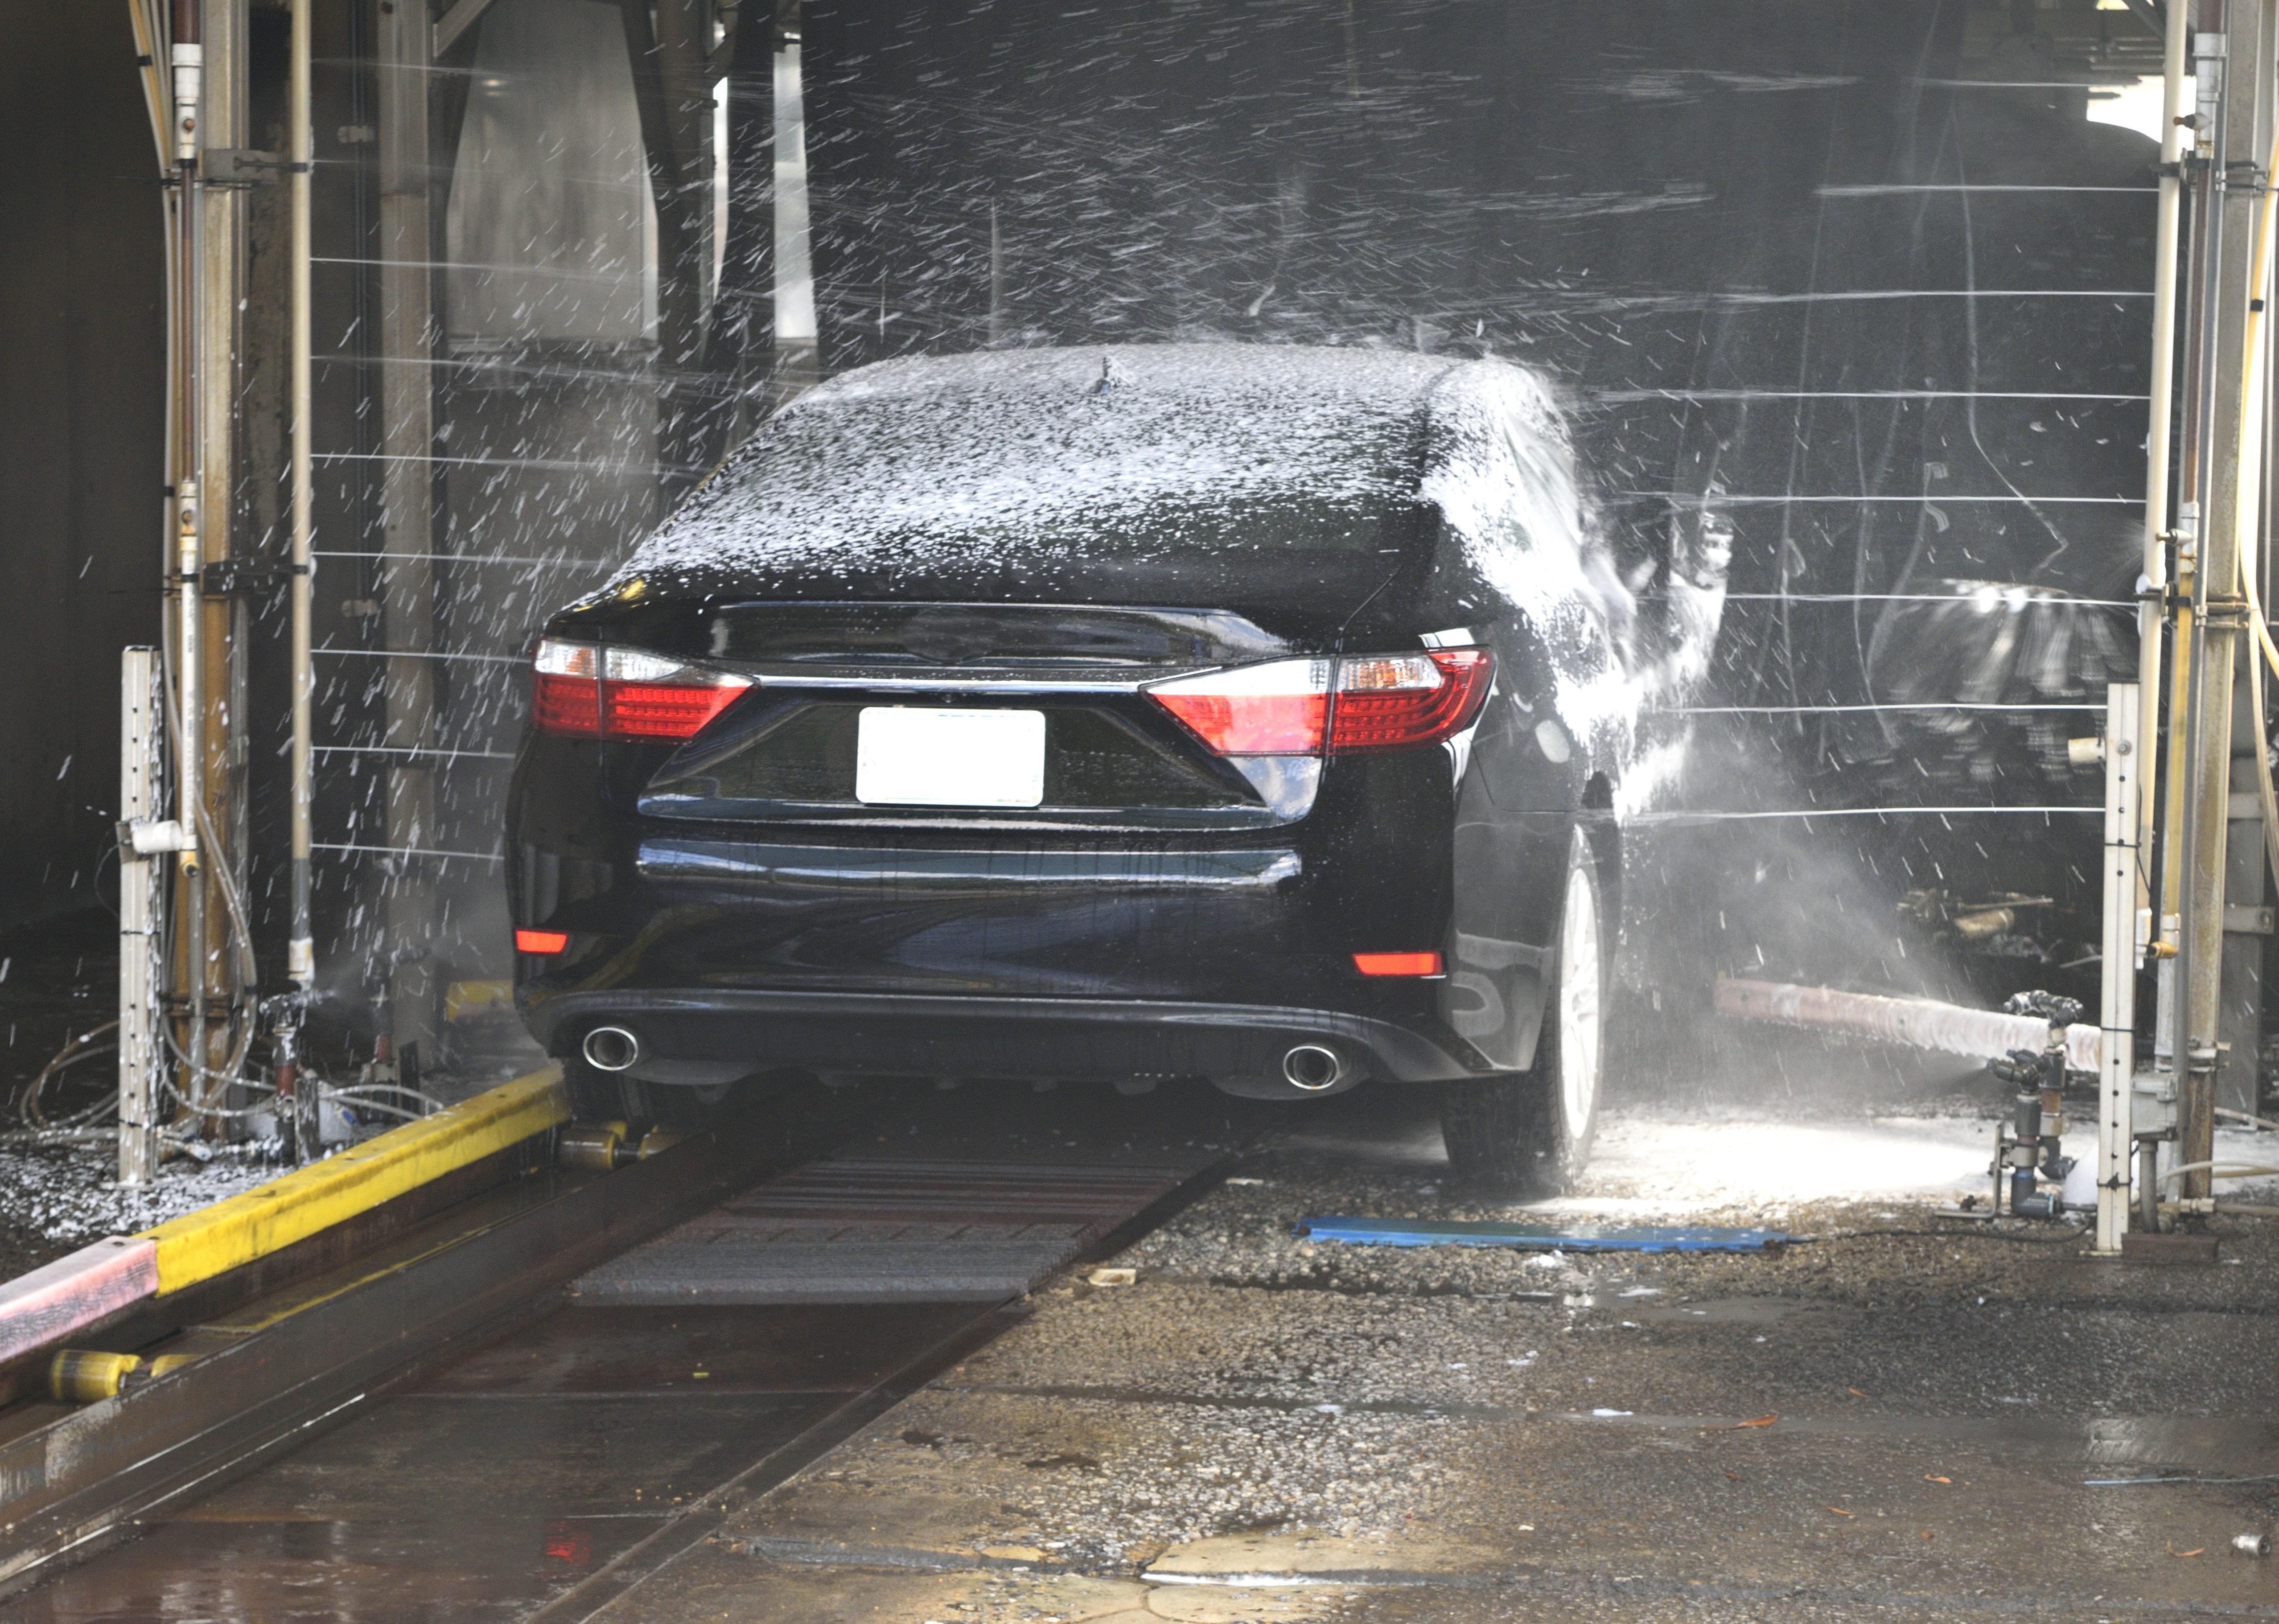 Carwashed Black Sedan